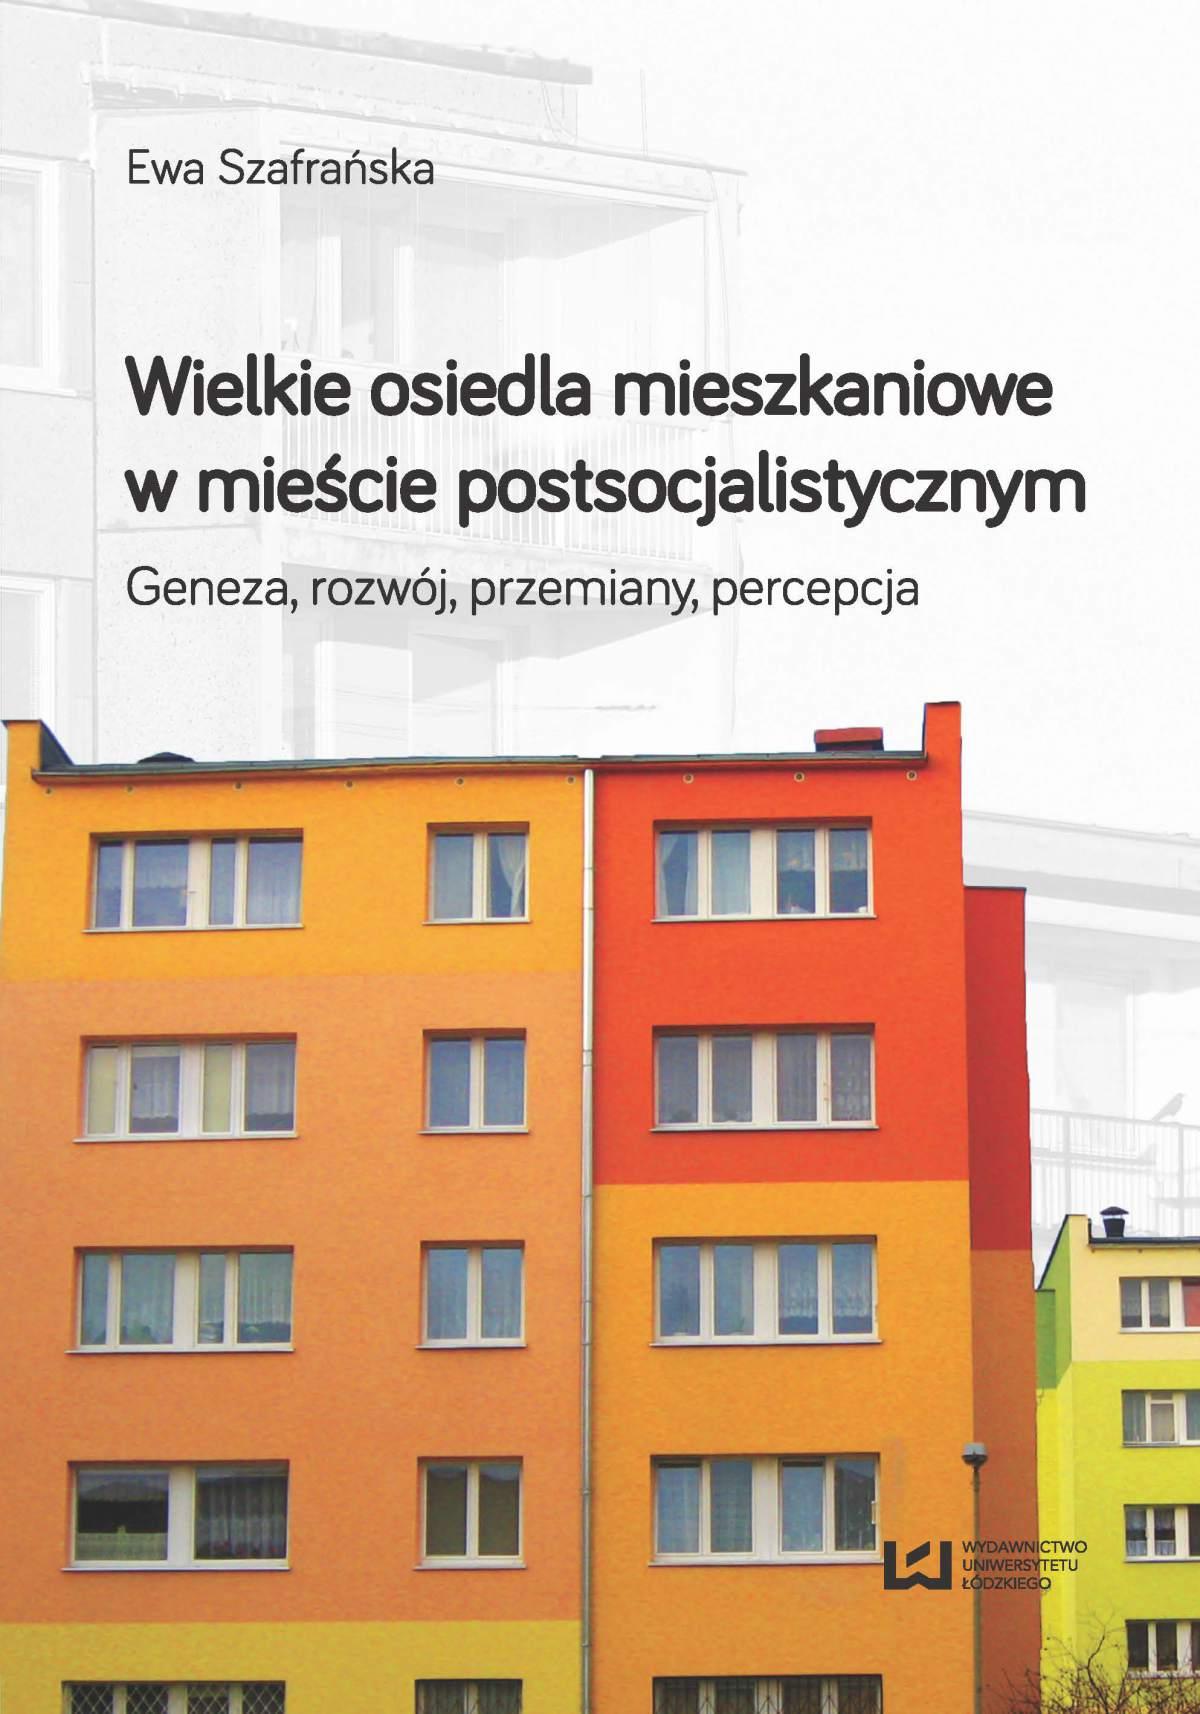 Wielkie osiedla mieszkaniowe w mieście postsocjalistycznym. Geneza, rozwój, przemiany, percepcja - Ebook (Książka PDF) do pobrania w formacie PDF